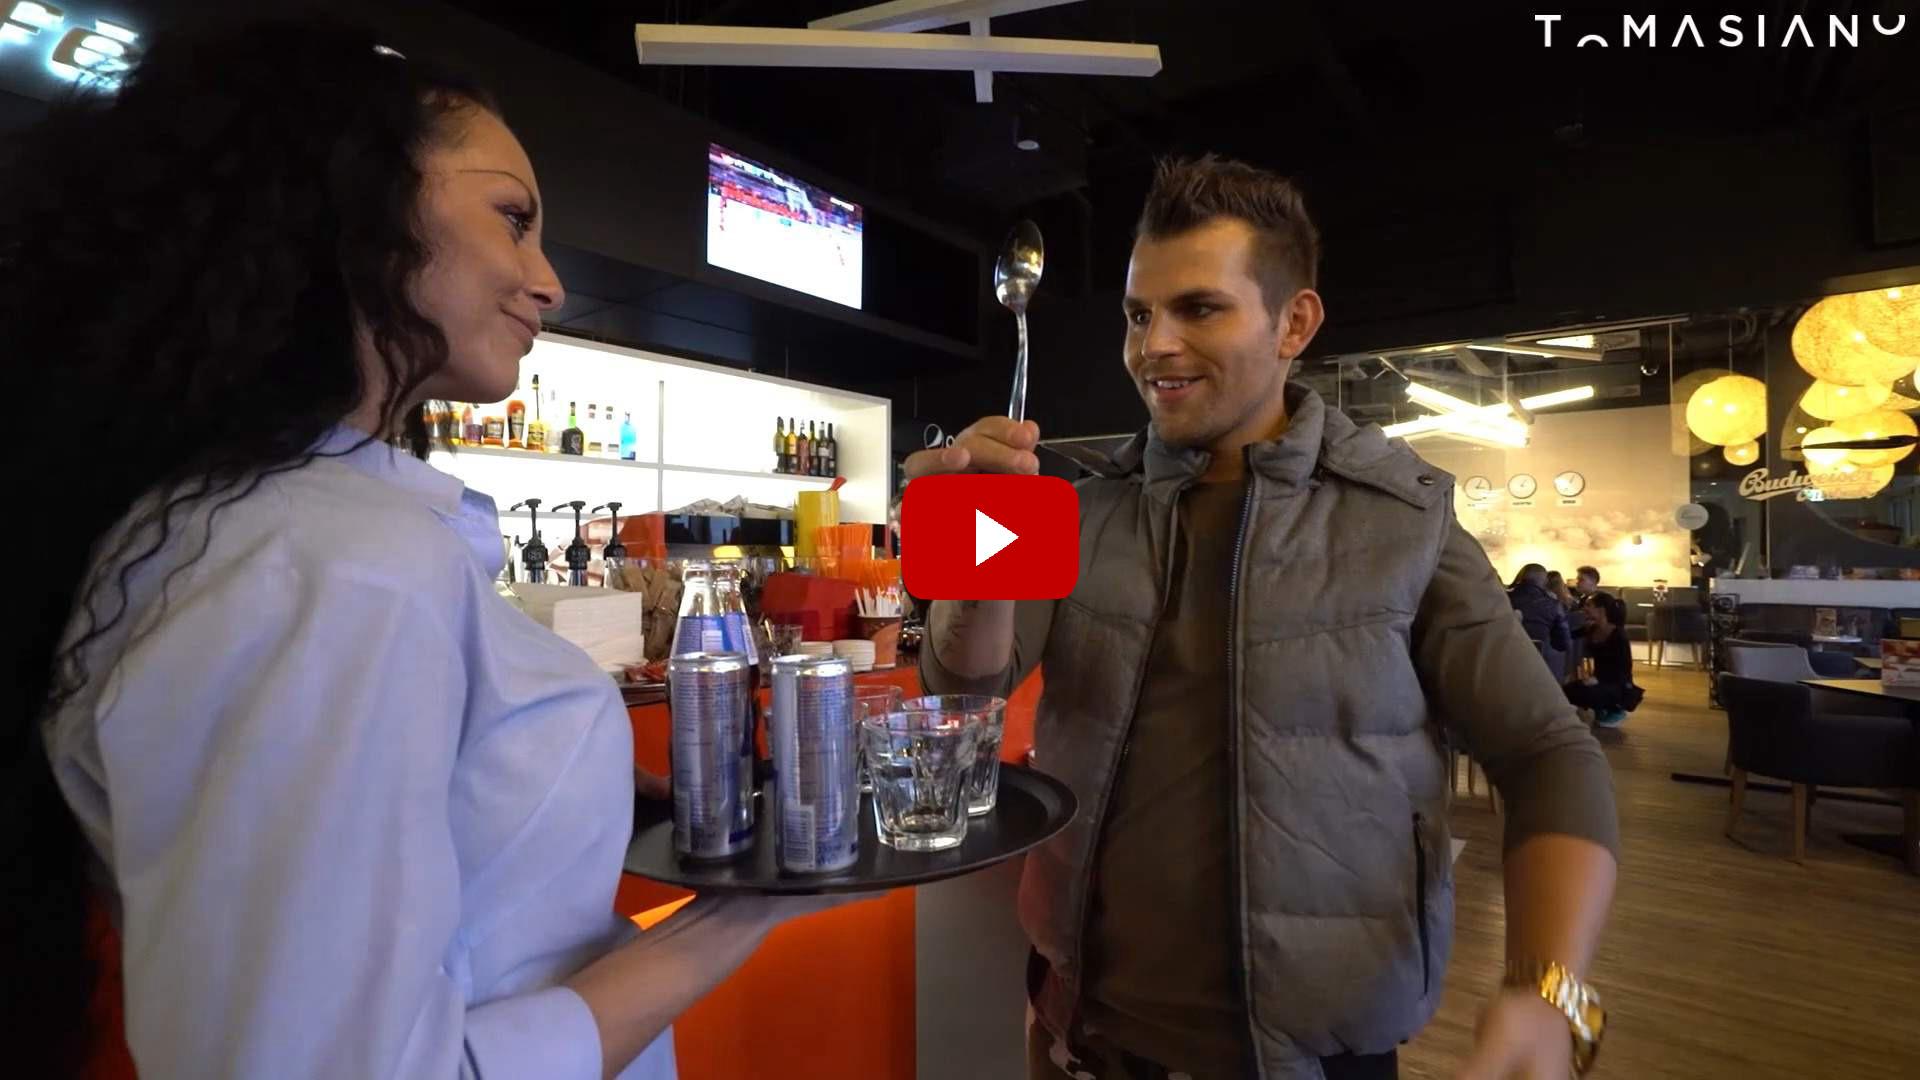 kouzelník tomasiano promo videa 2 Lucie Bílá